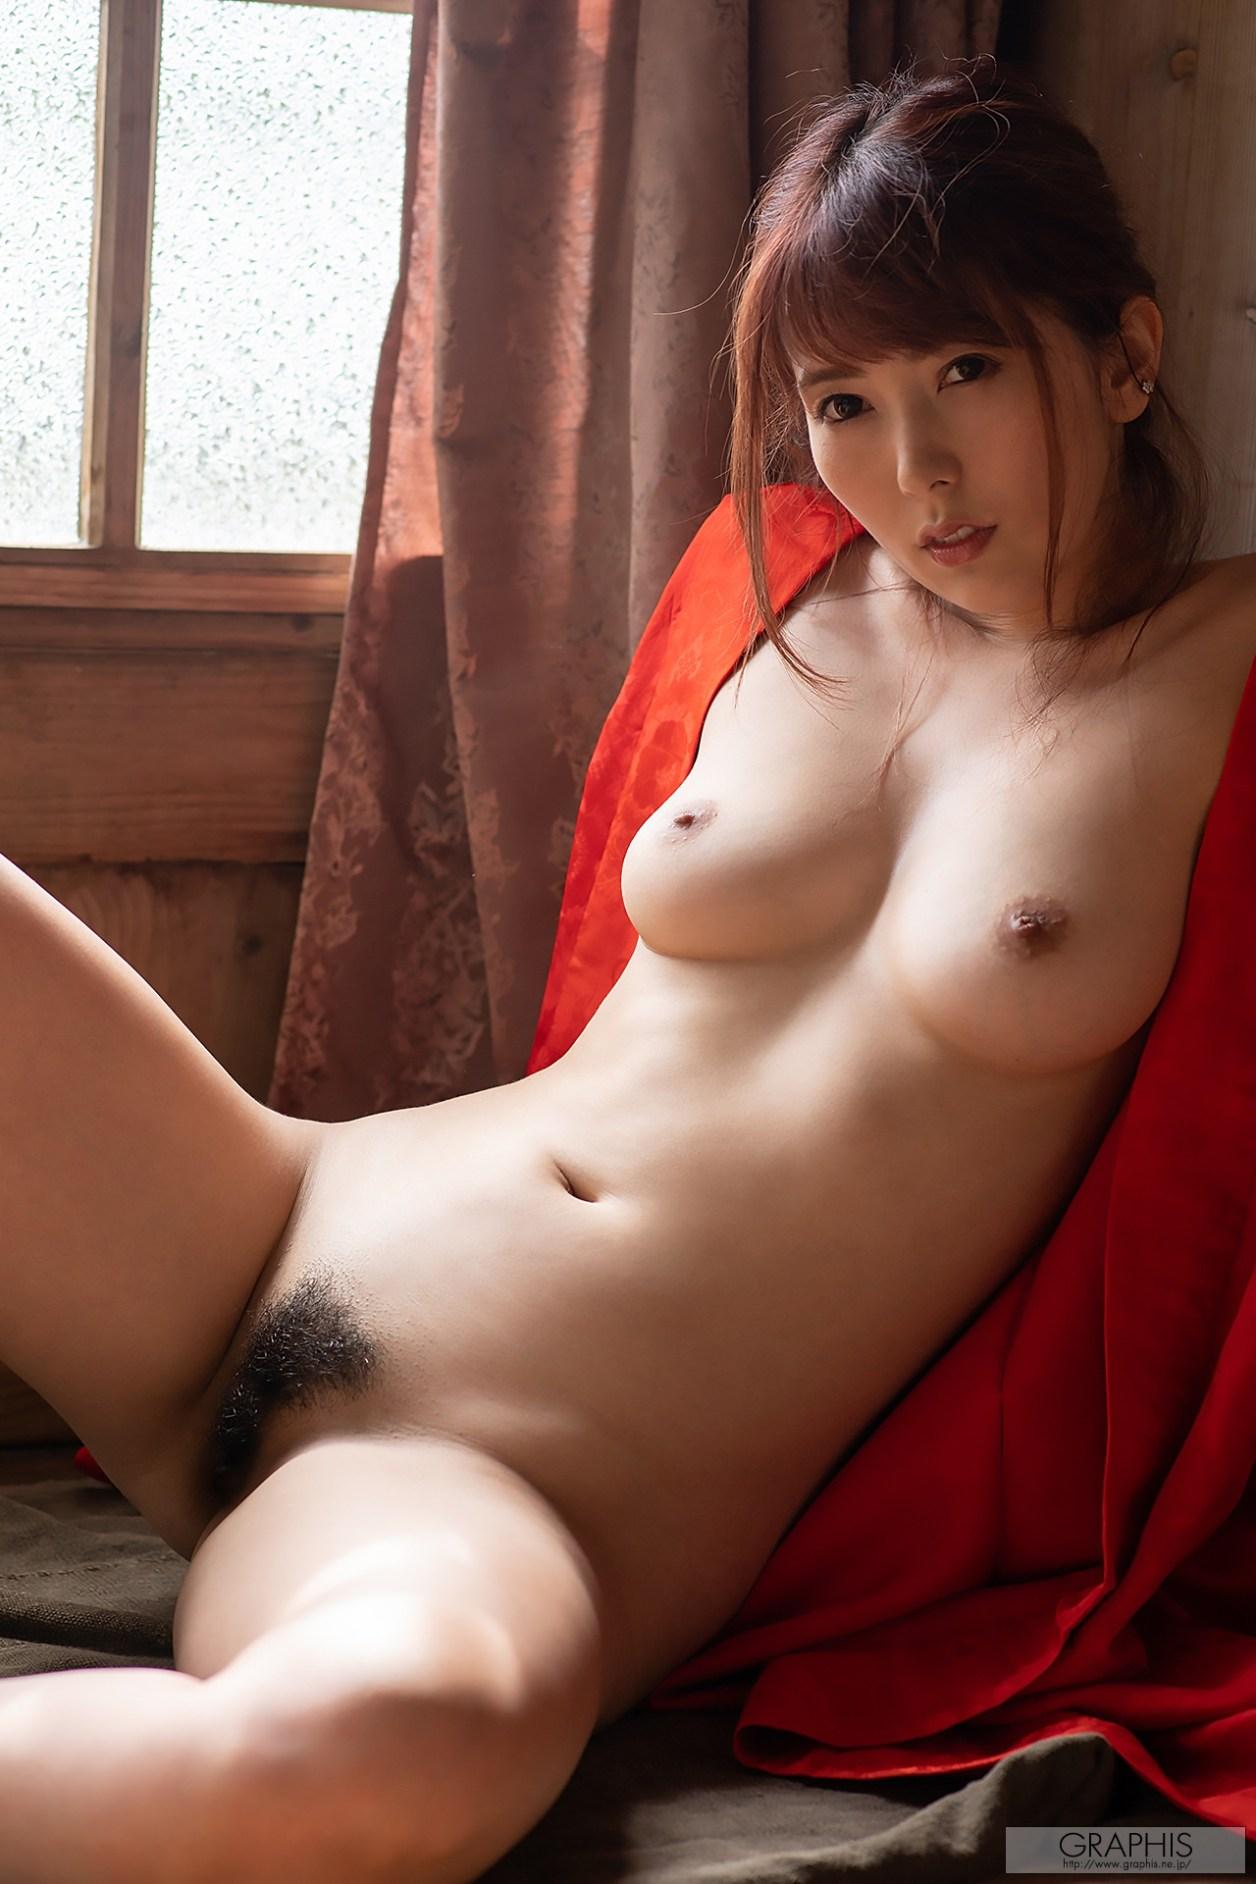 hatano-yui-096